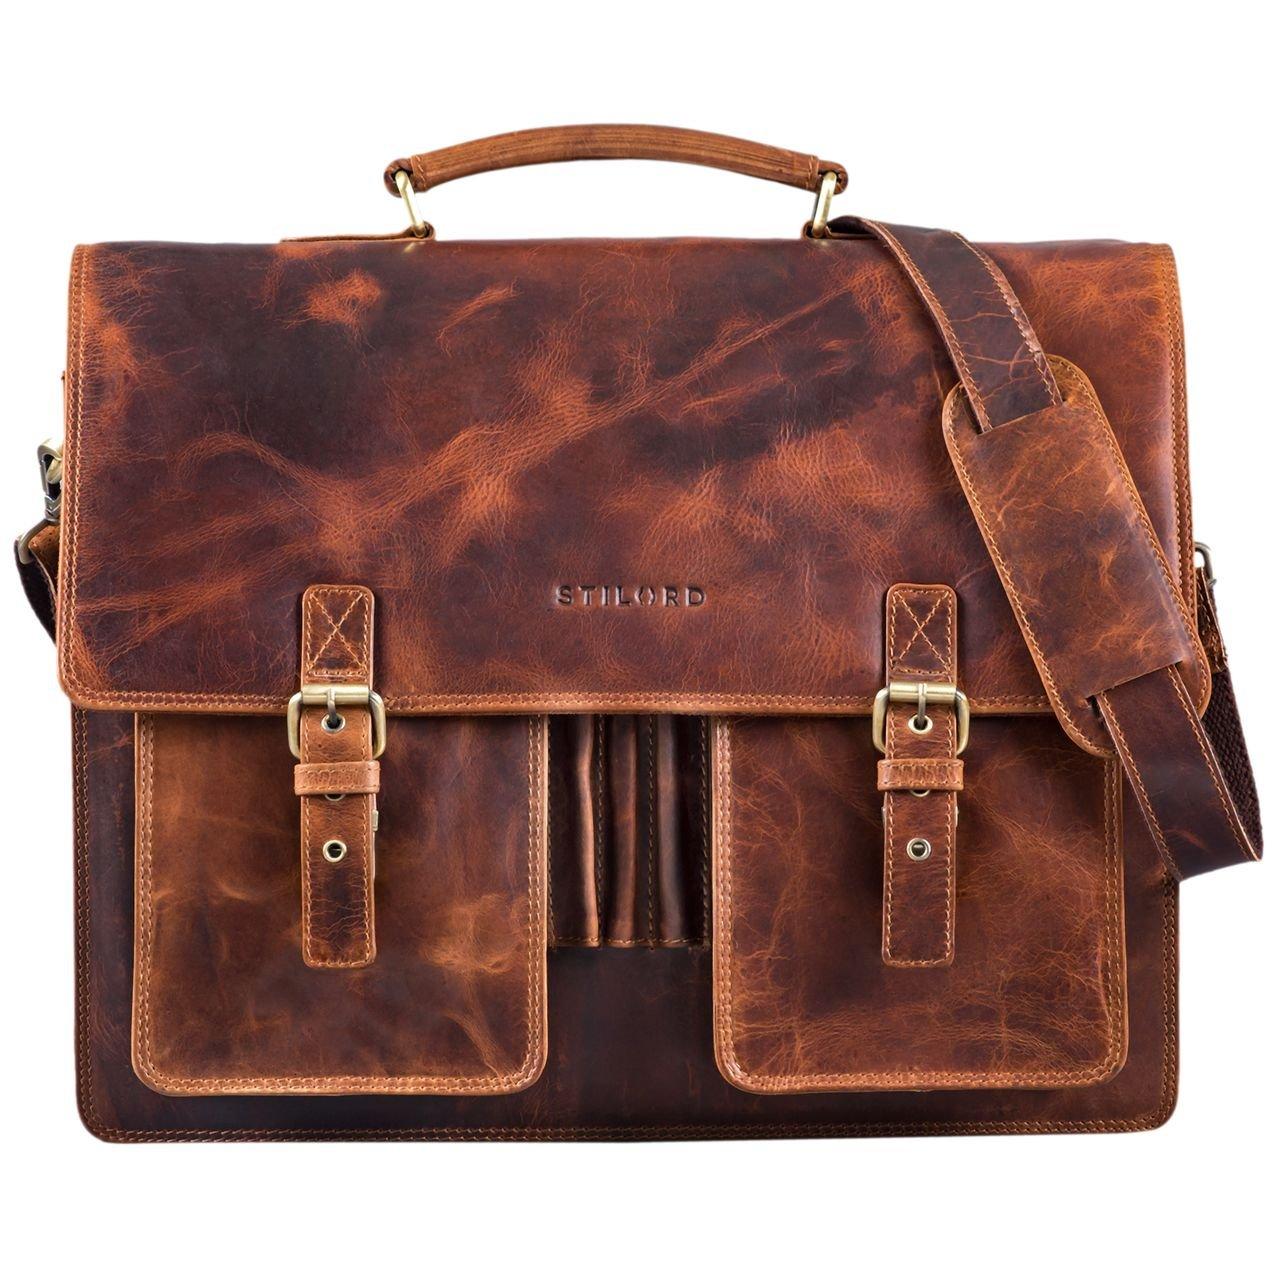 bab50f47b8525 ... STILORD Anton Aktentasche Leder XL Vintage Lehrertasche mit Laptopfach 15